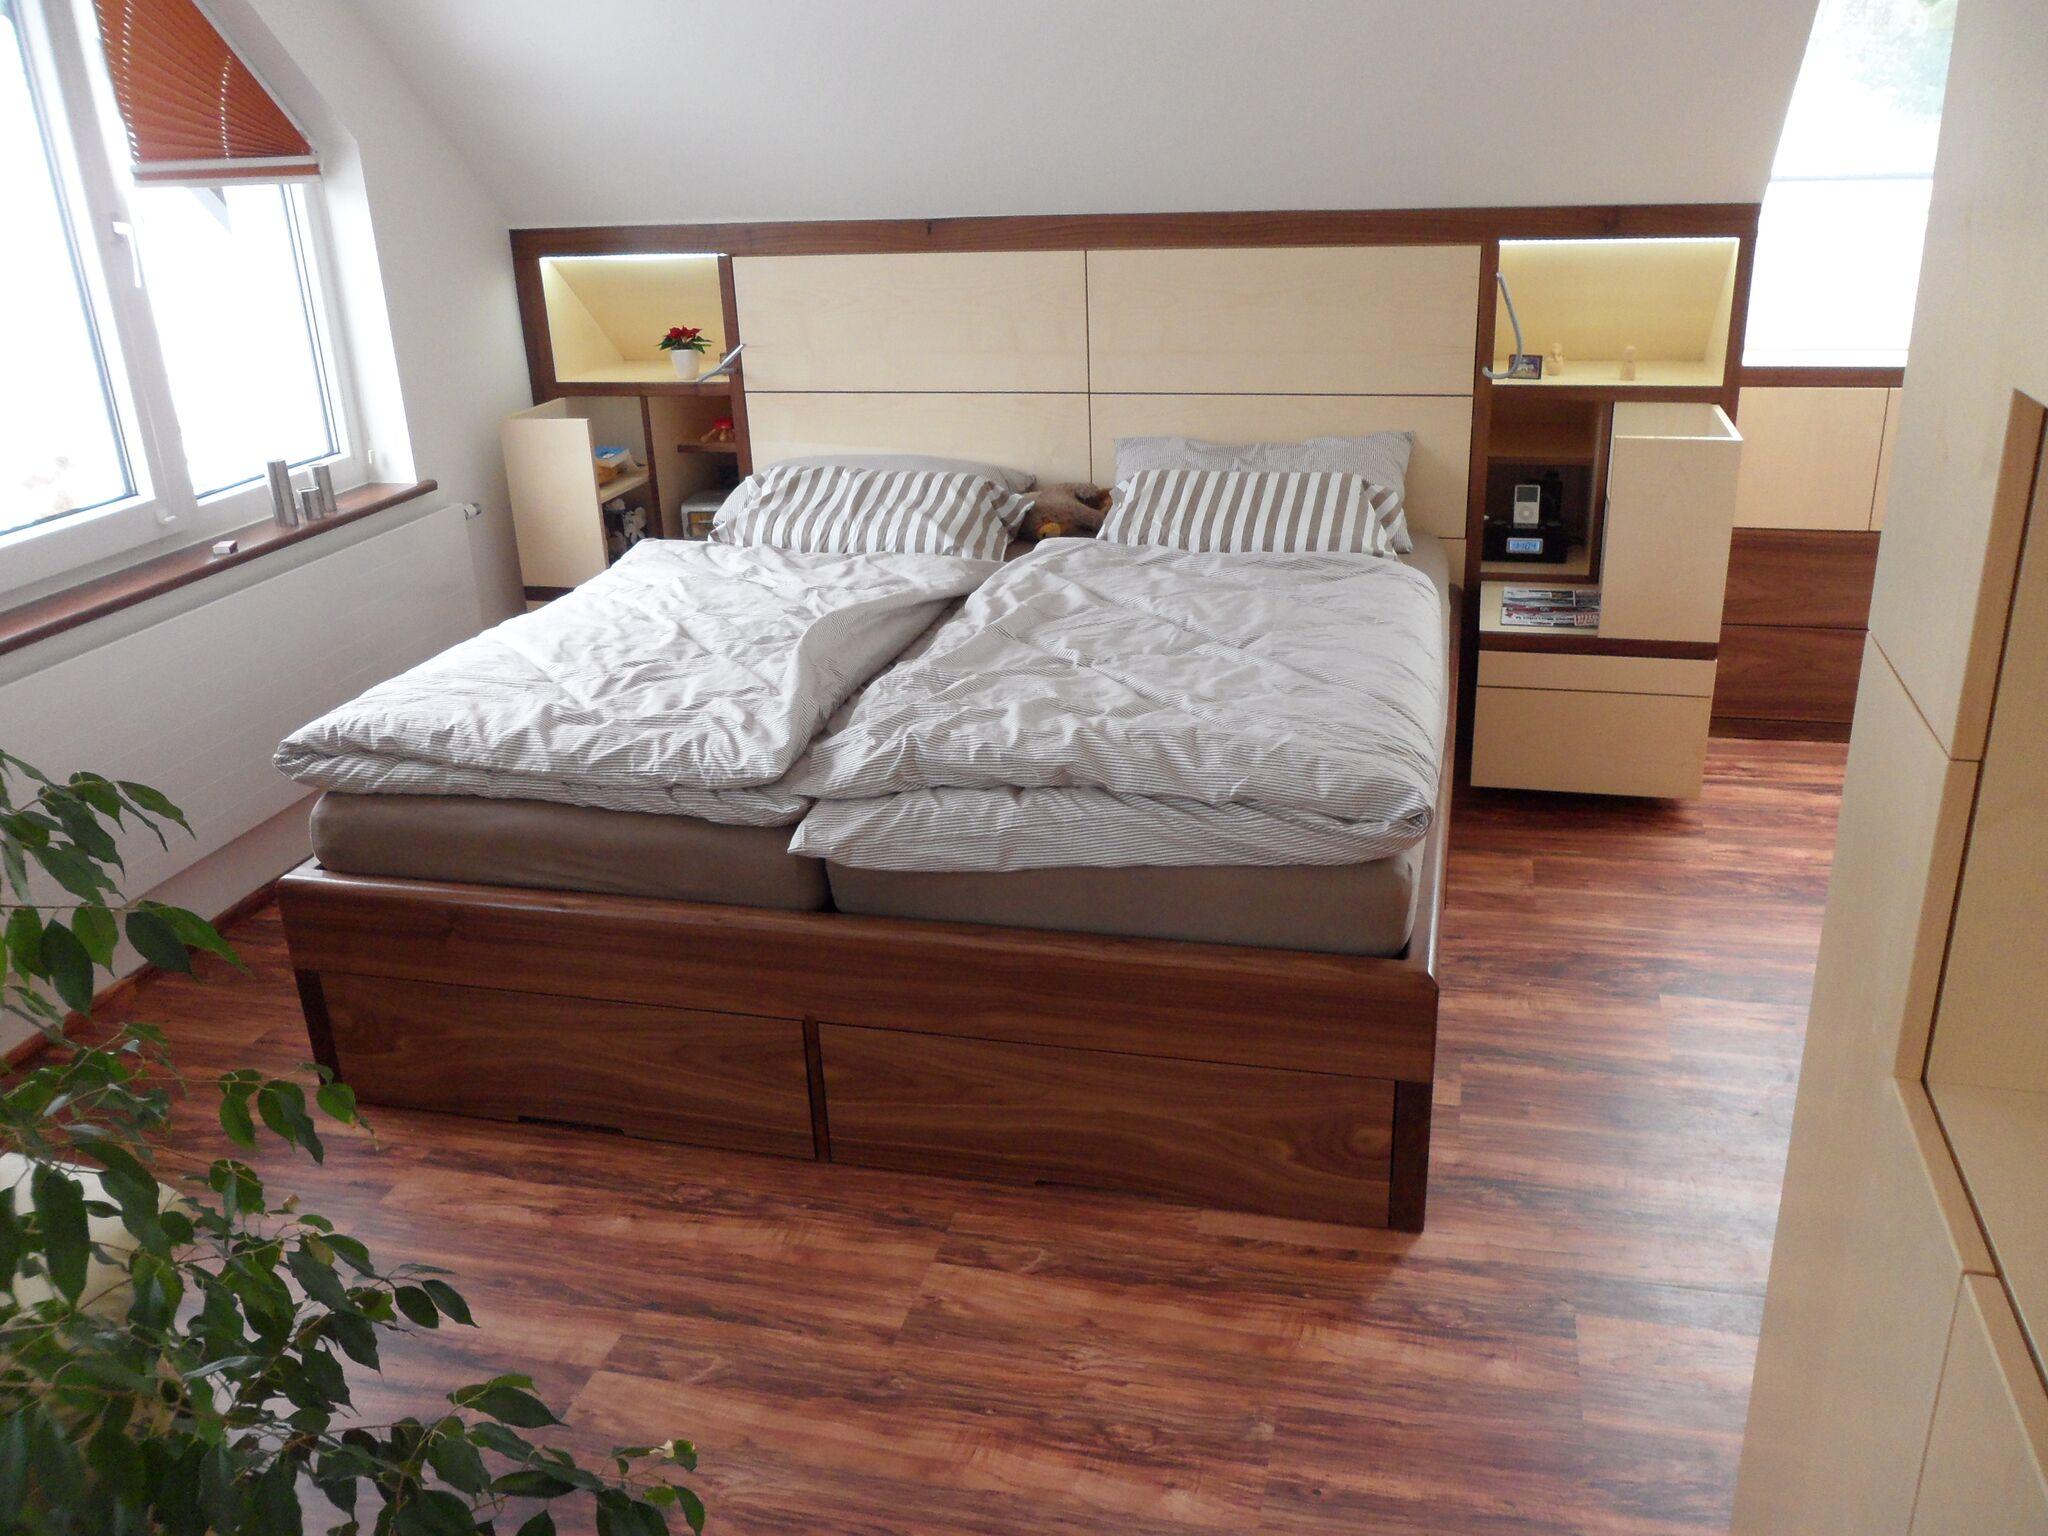 Schlafzimmer in Nußbaum/Ahorn - Tischlerei Mock